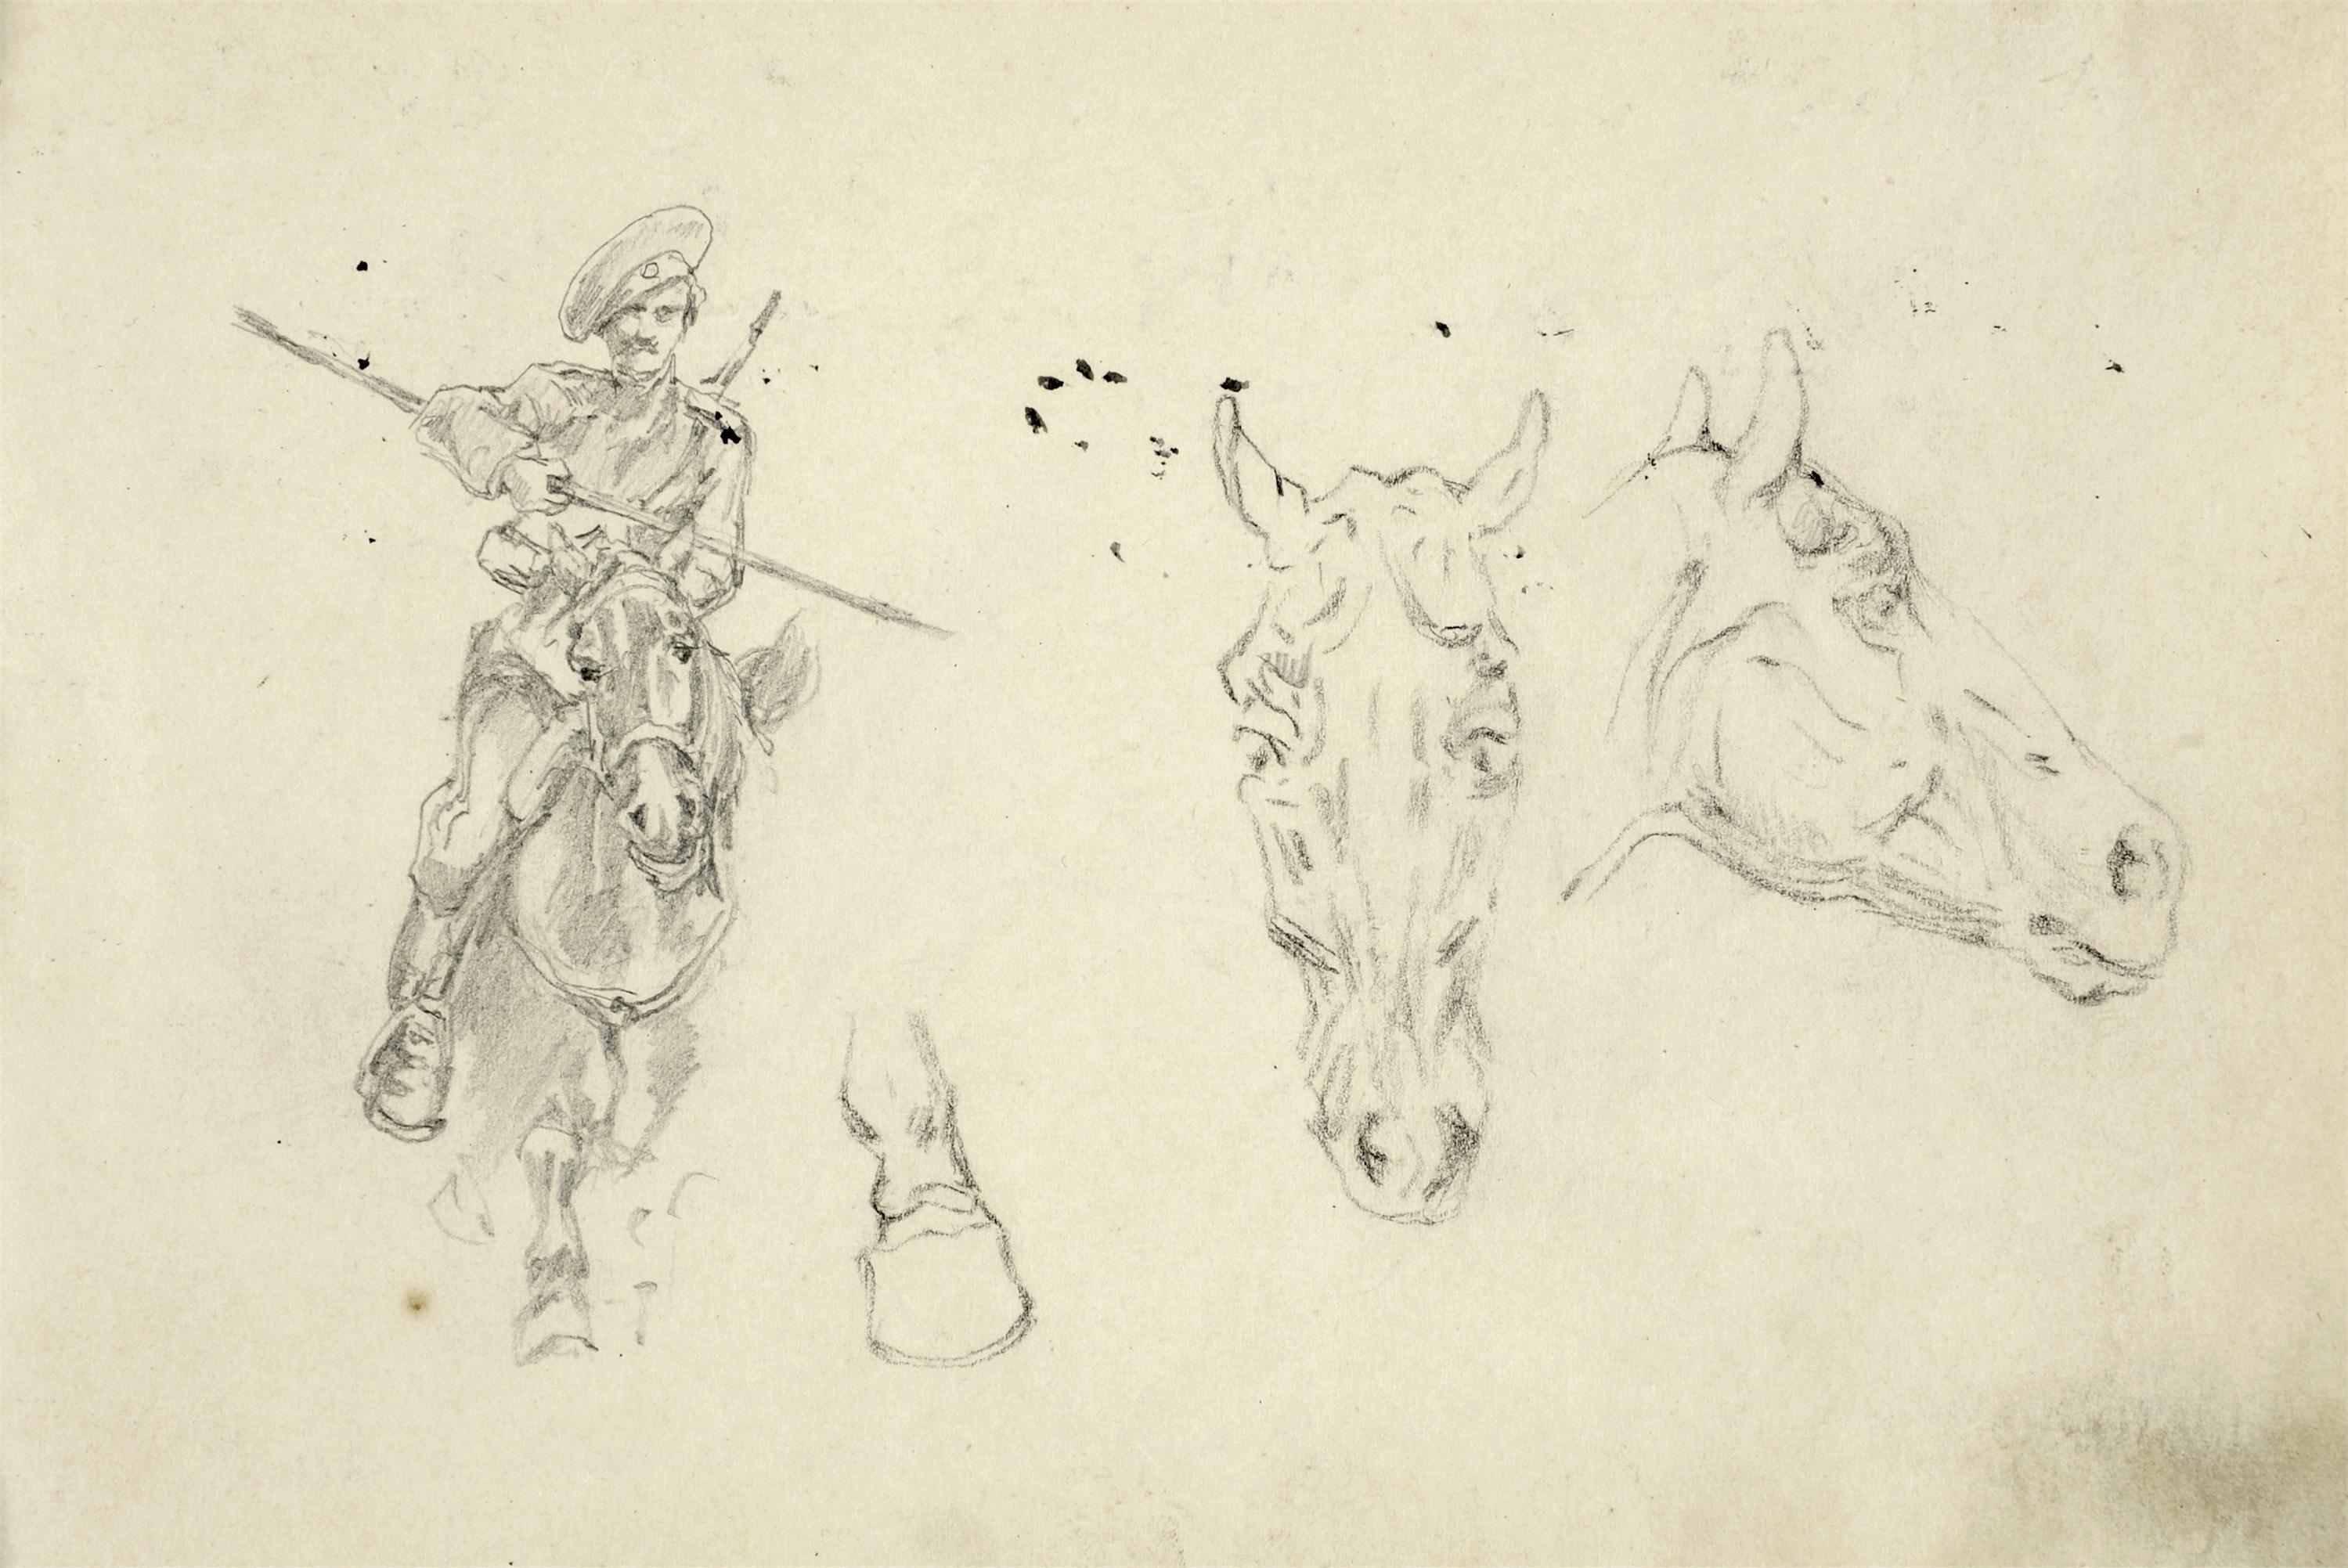 Szkic jeźdźca, głów końskich i kopyta końskiego